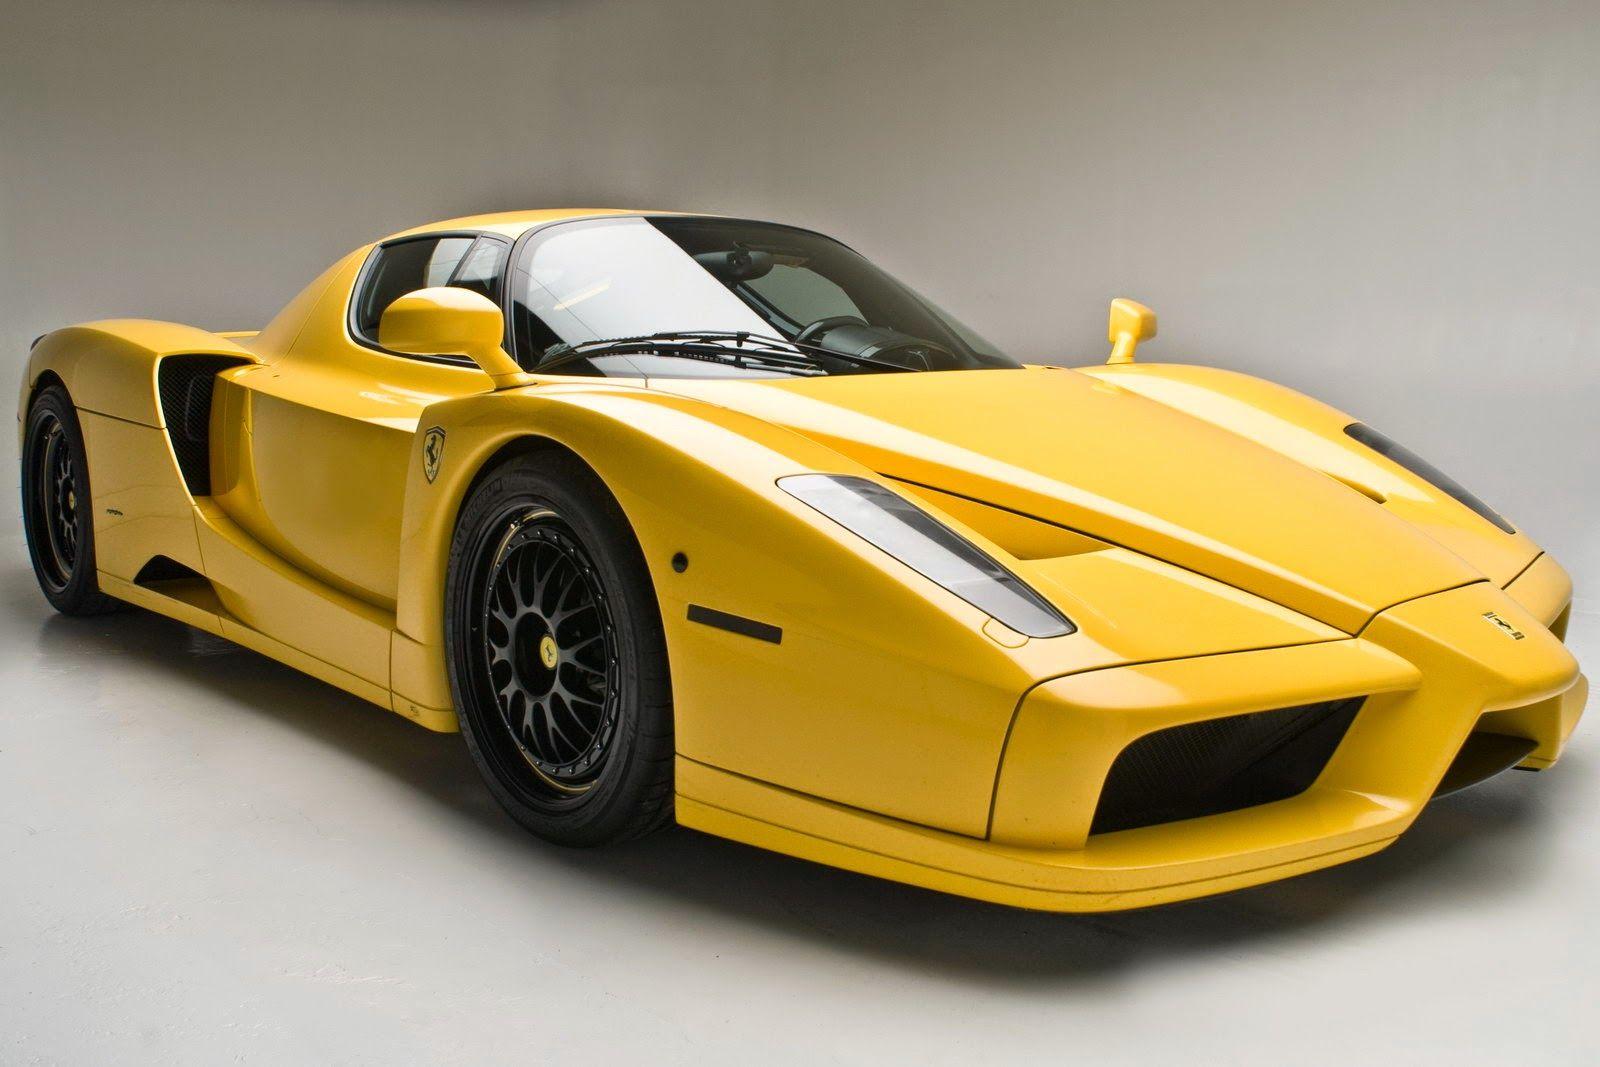 Gambar Mobil Verari Gambar Gambar Mobil Mobil Ferrari Mobil Balap